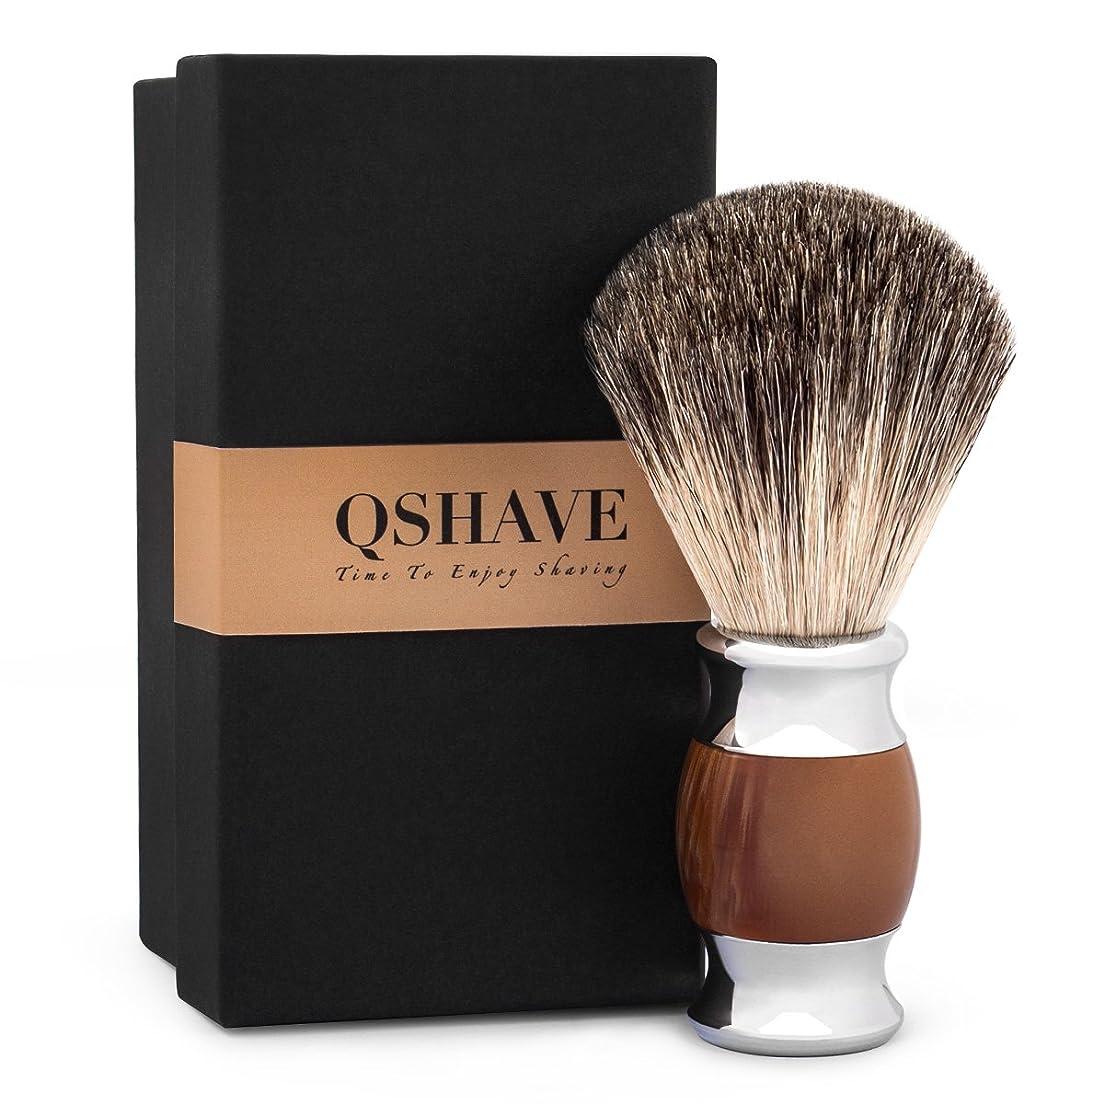 独裁ダンス節約するQSHAVE 100%最高級アナグマ毛オリジナルハンドメイドシェービングブラシ。人工メノウ ハンドル。ウェットシェービング、安全カミソリ、両刃カミソリに最適